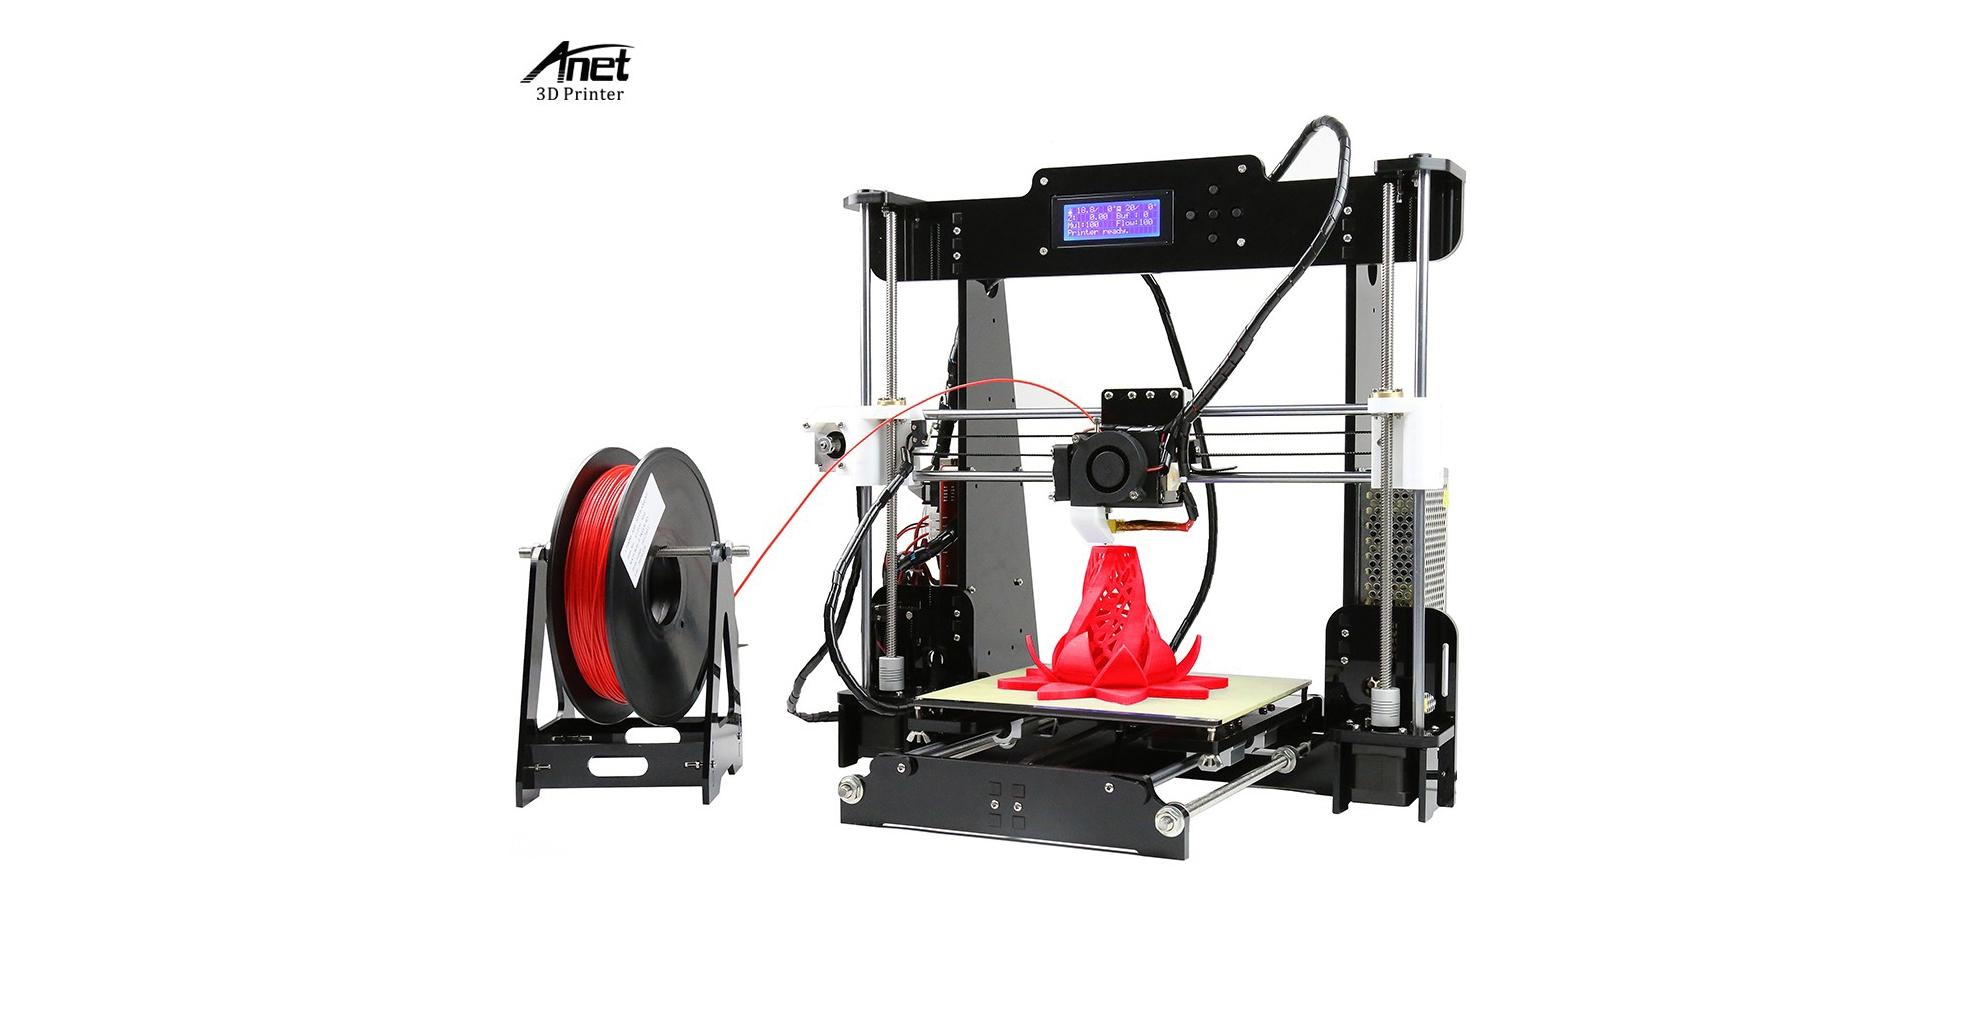 Anet A8 Plus je levná vstupenka do 3D tisku [sponzorovaný článek]